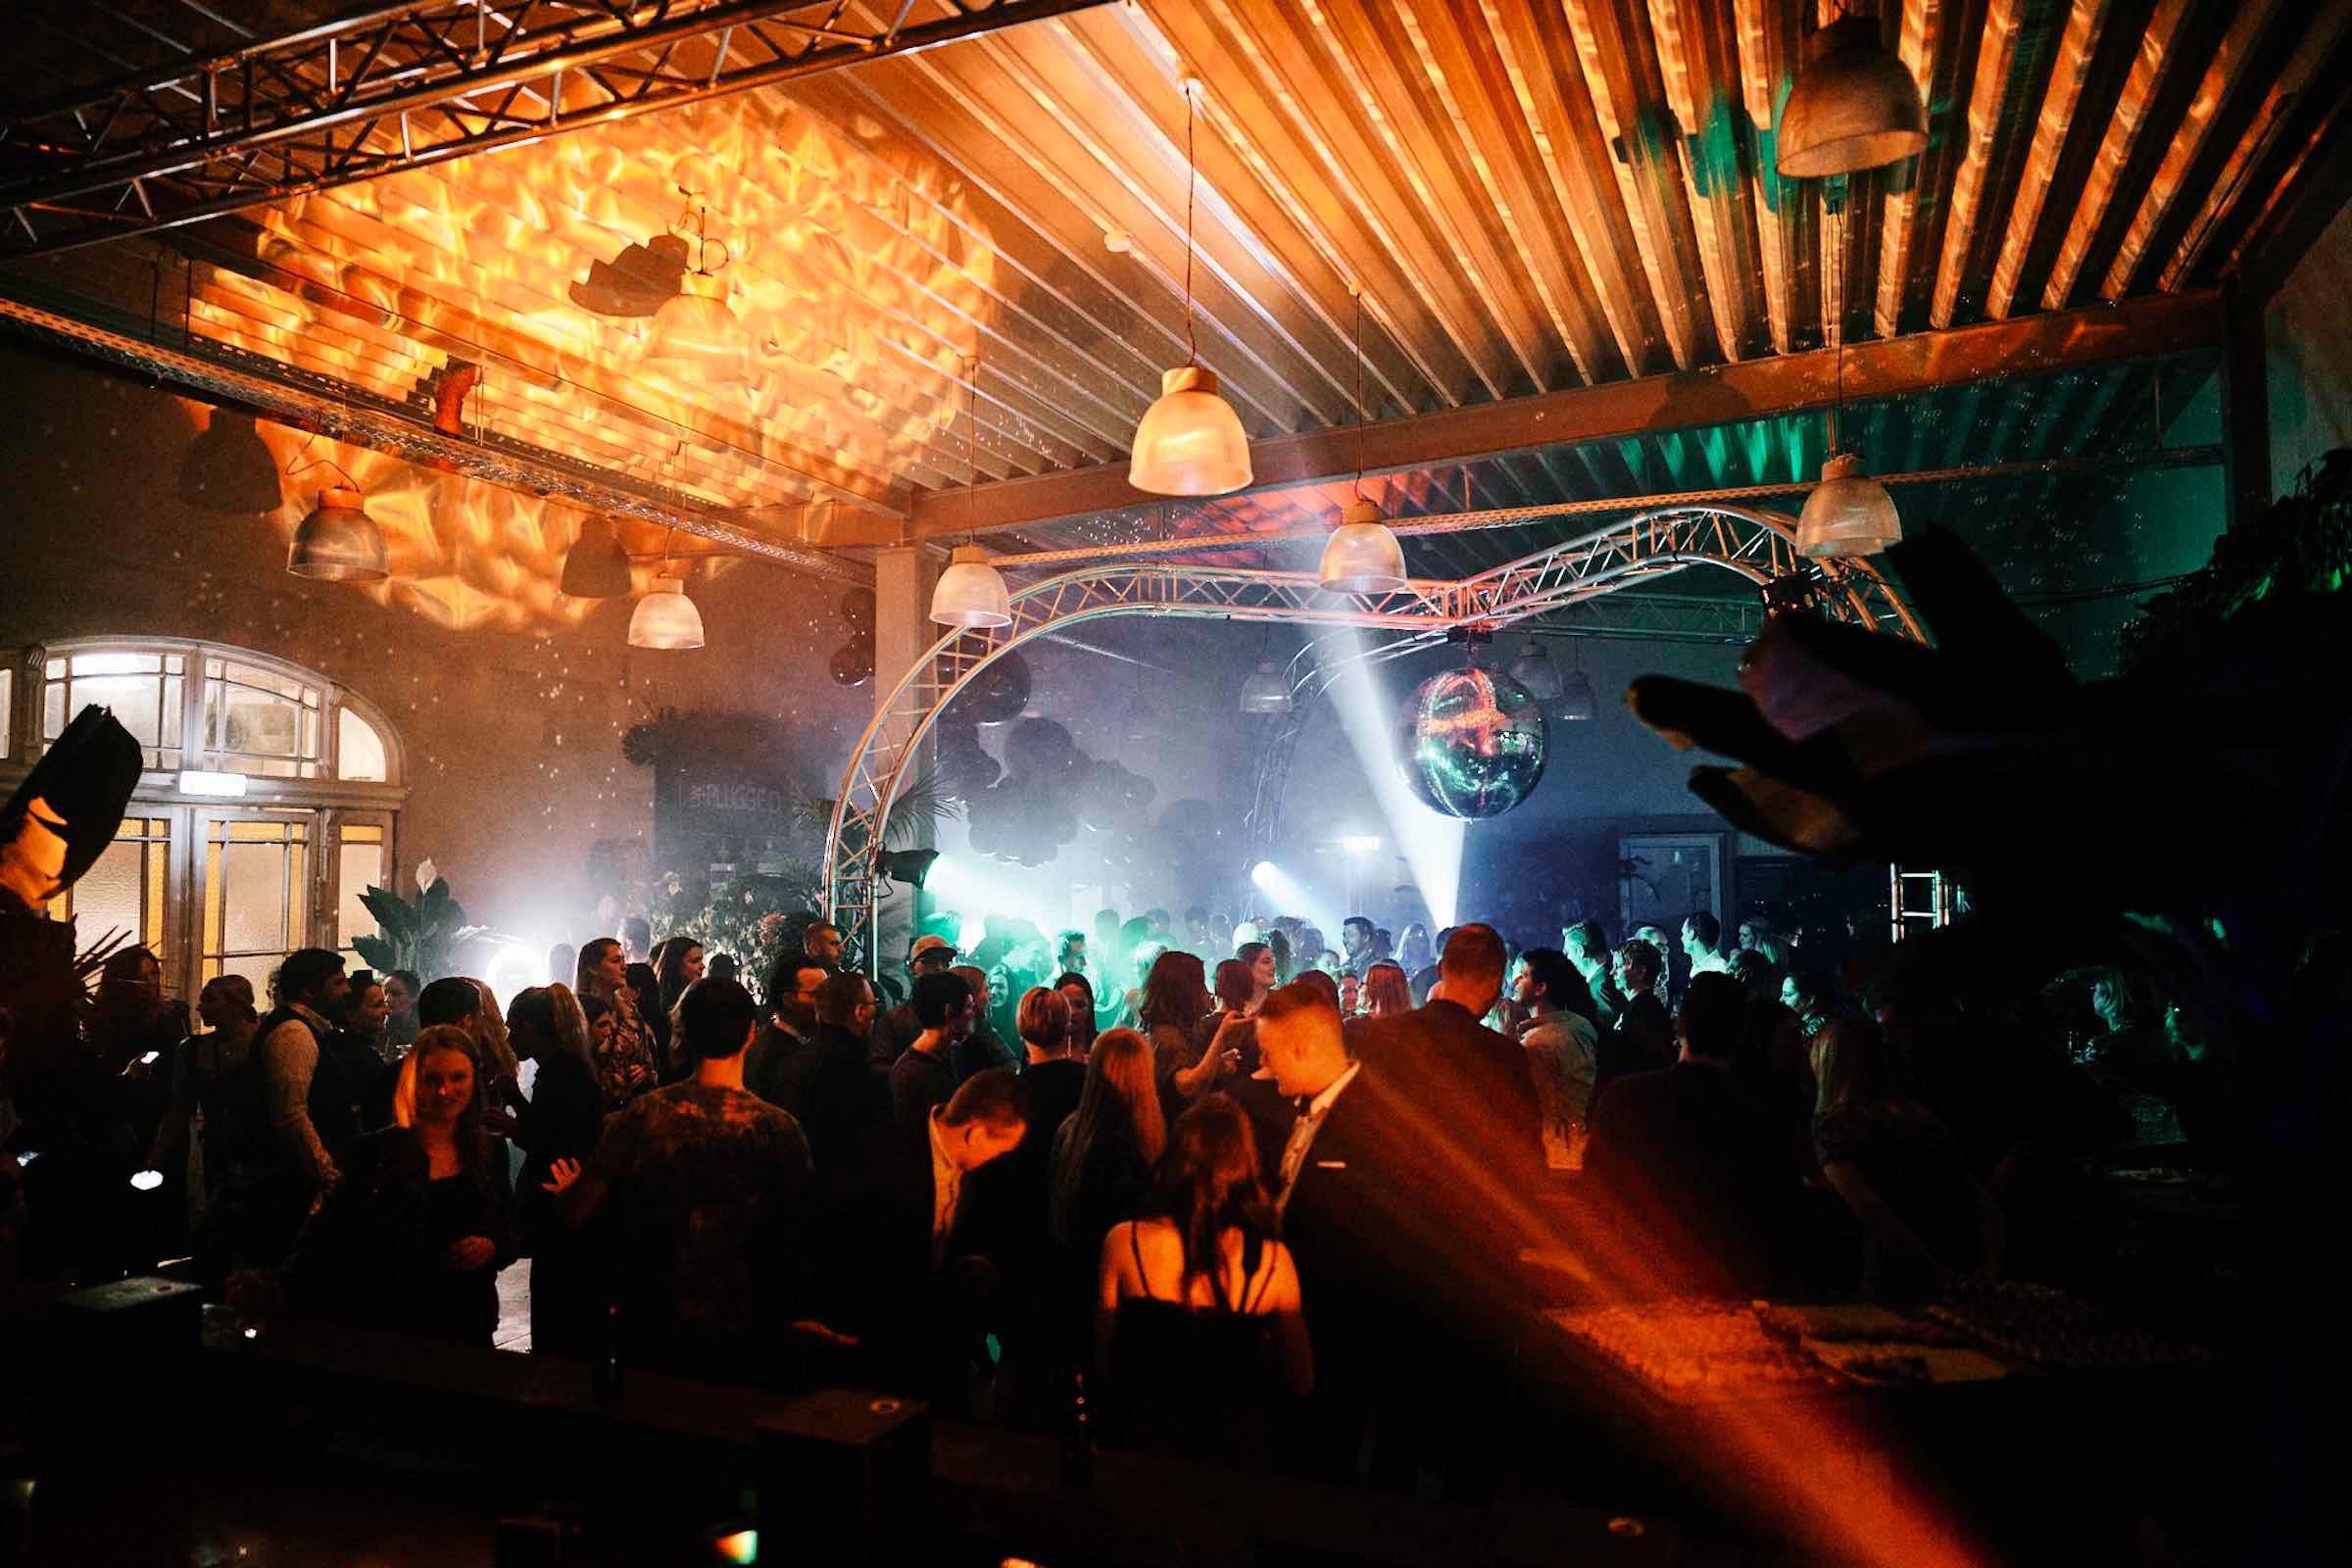 DJ |Hannover |DJ |Agentur |Hochzeit |DJ |Messe |DJ |Firmenevent |Firmenfeier |DJ |Geburtstag |Discjockey |Weihnachtsfeier |DJ |Sommerfest |Event |Buchen |Anfragen |Lehmann |Eventservice